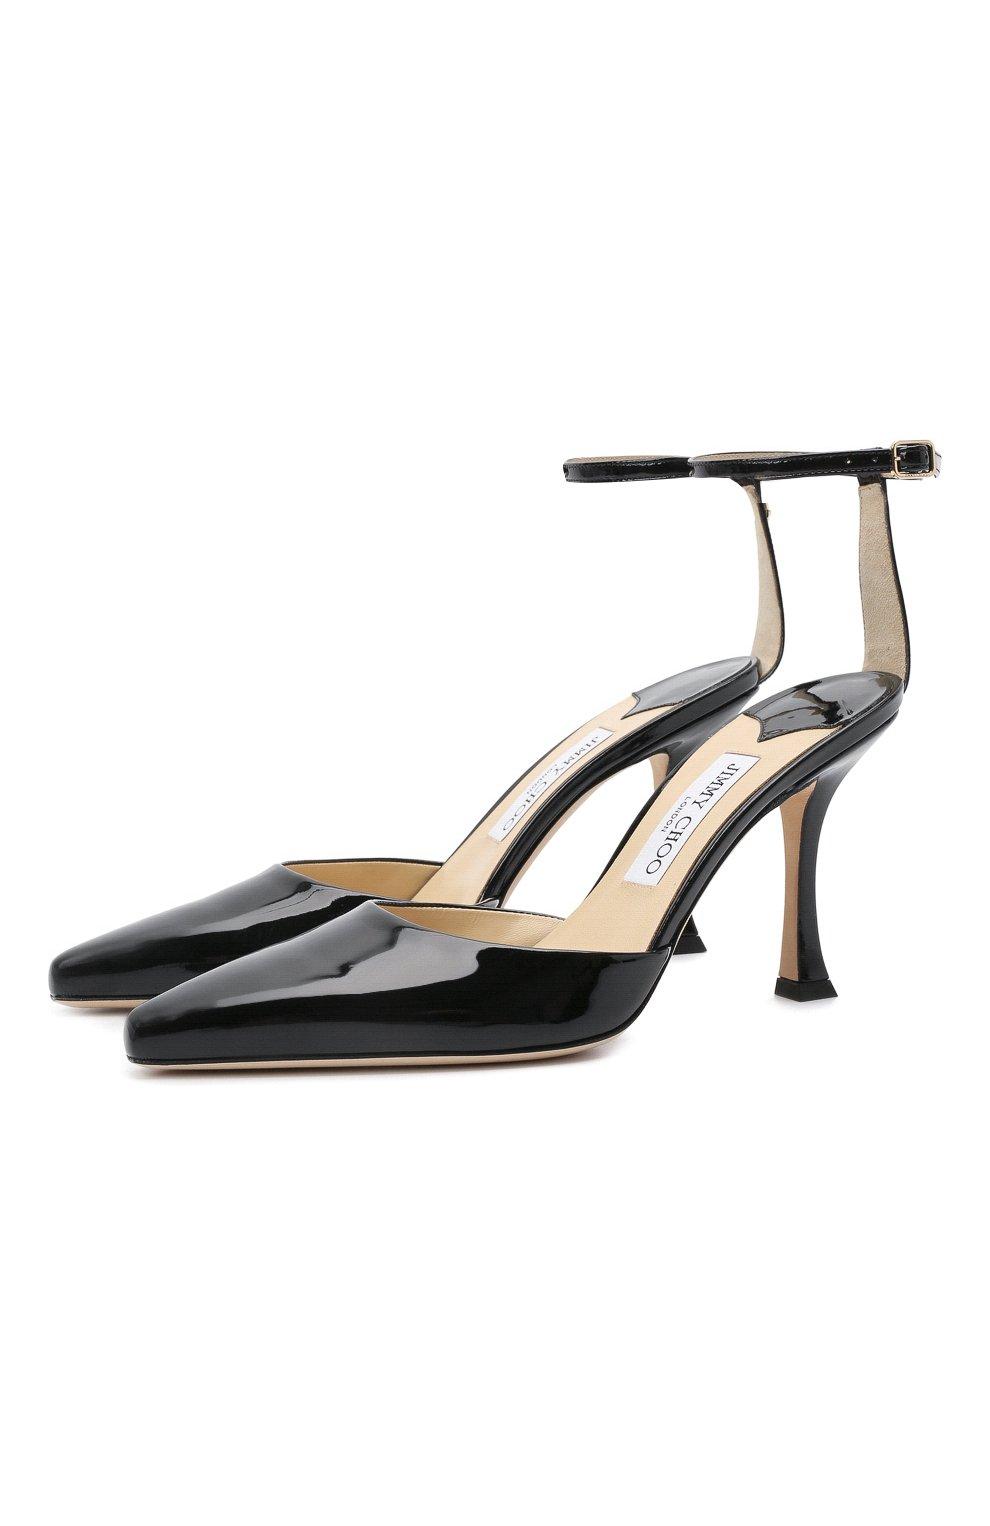 Женские кожаные туфли mair 90 JIMMY CHOO черного цвета, арт. MAIR 90/GHE | Фото 1 (Каблук высота: Высокий; Материал внутренний: Натуральная кожа; Каблук тип: Шпилька; Подошва: Плоская)